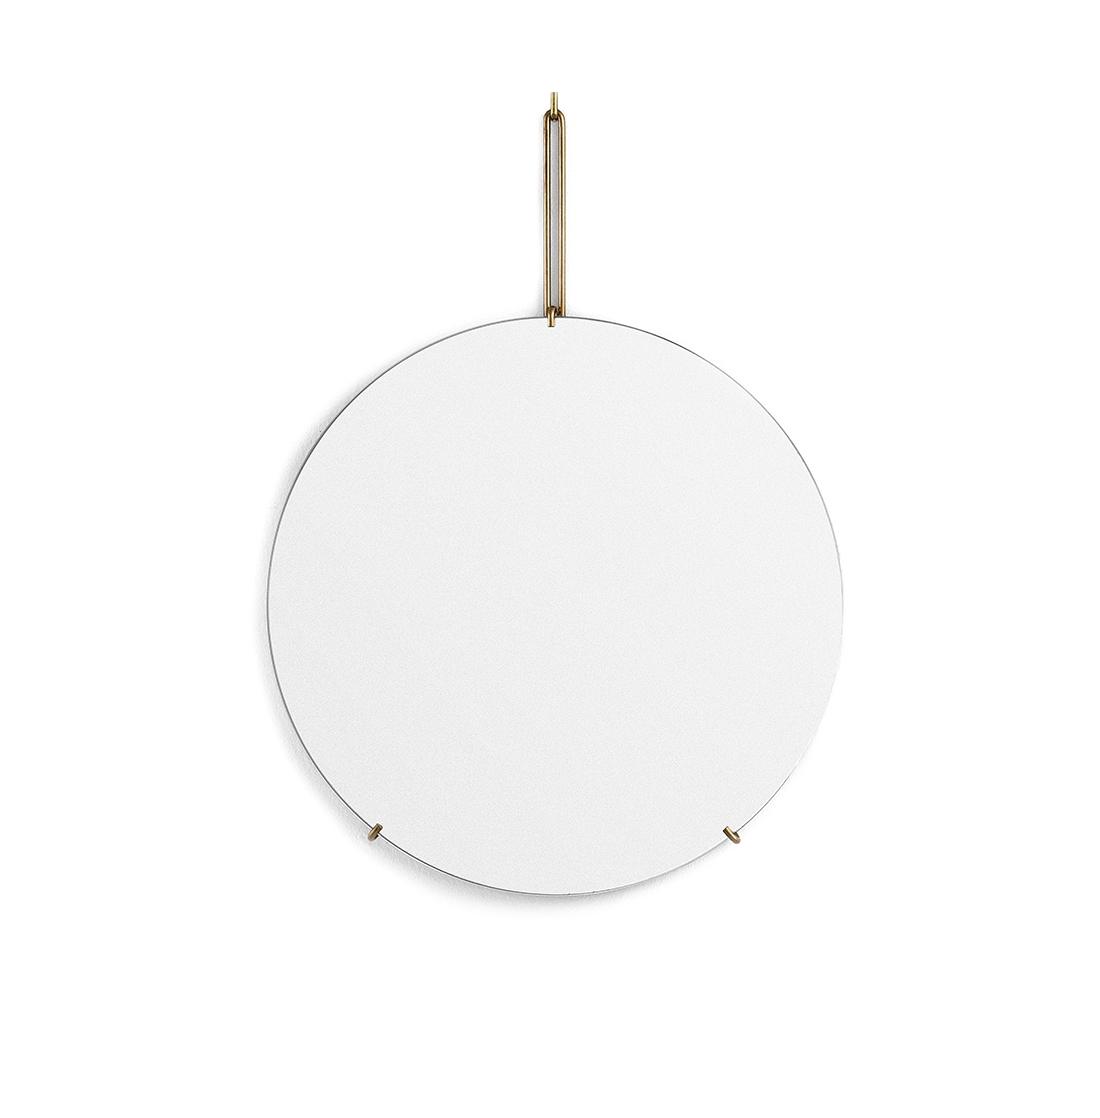 Spegel Ø50cm WALL MIRROR brass, MOEBE